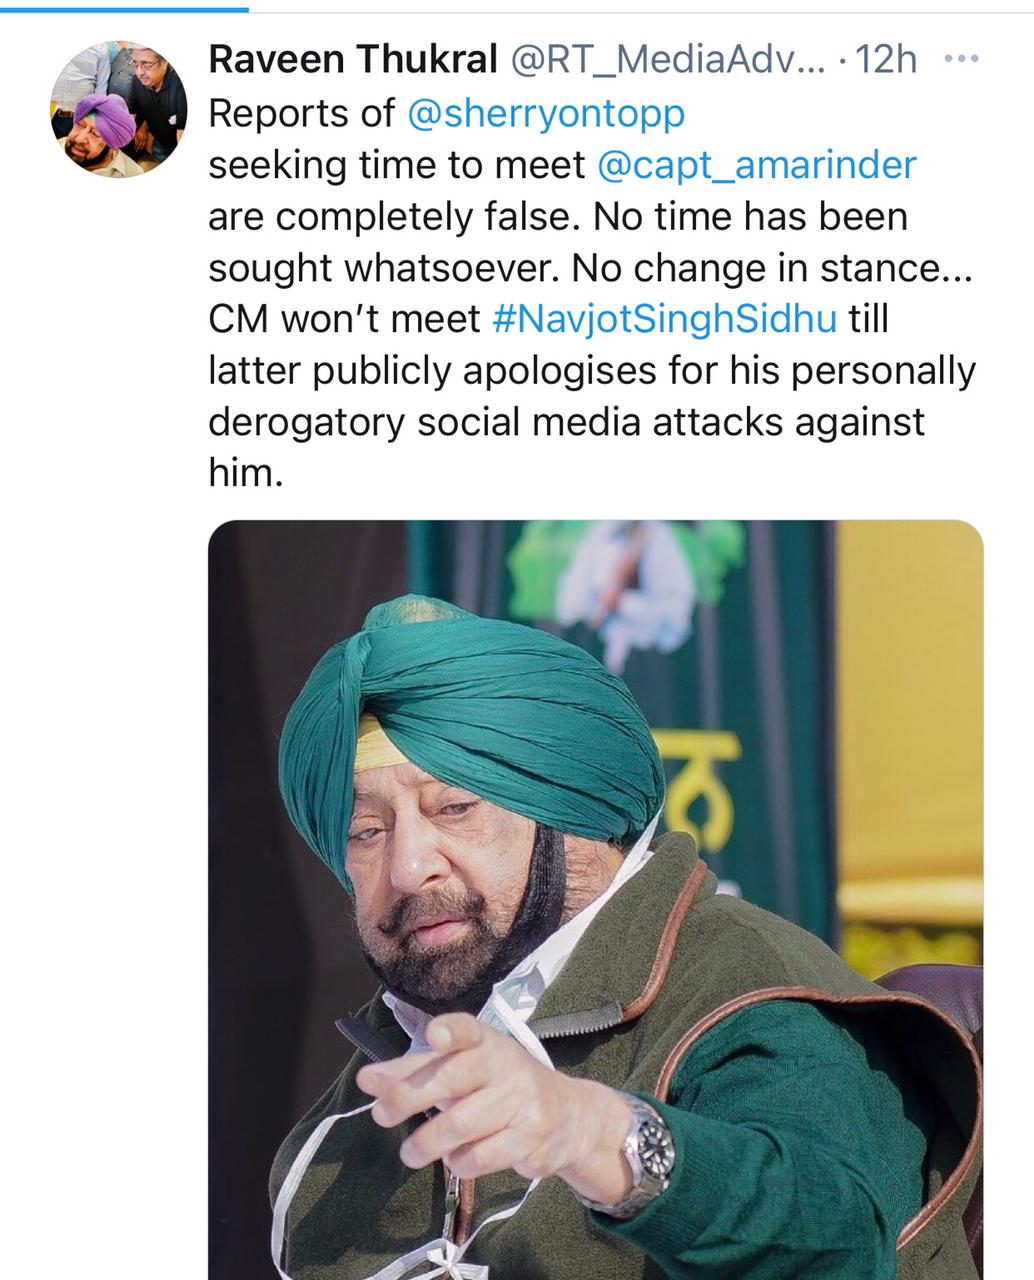 कैप्टन के मीडिया एडवाइजर का वो ट्वीट- जिसमें पहली बार खुलकर सिद्धू को माफी मांगने के लिए कहा गया।